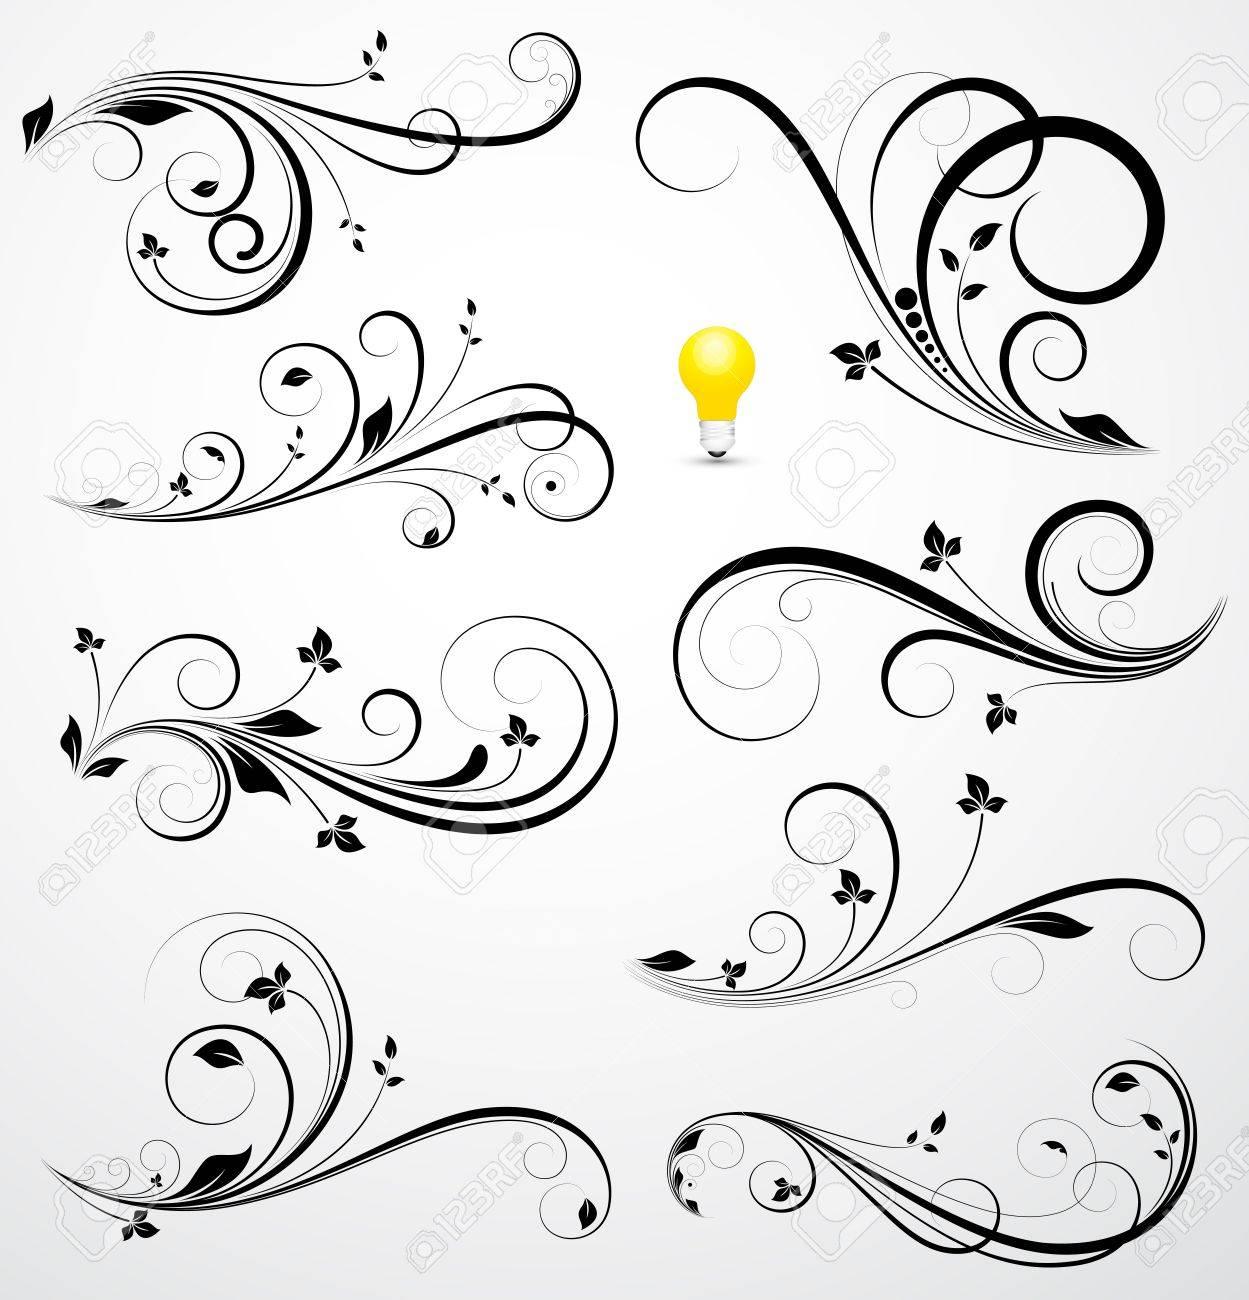 swirls vectors royalty free cliparts vectors and stock rh 123rf com swirl vector free swirl vectors png